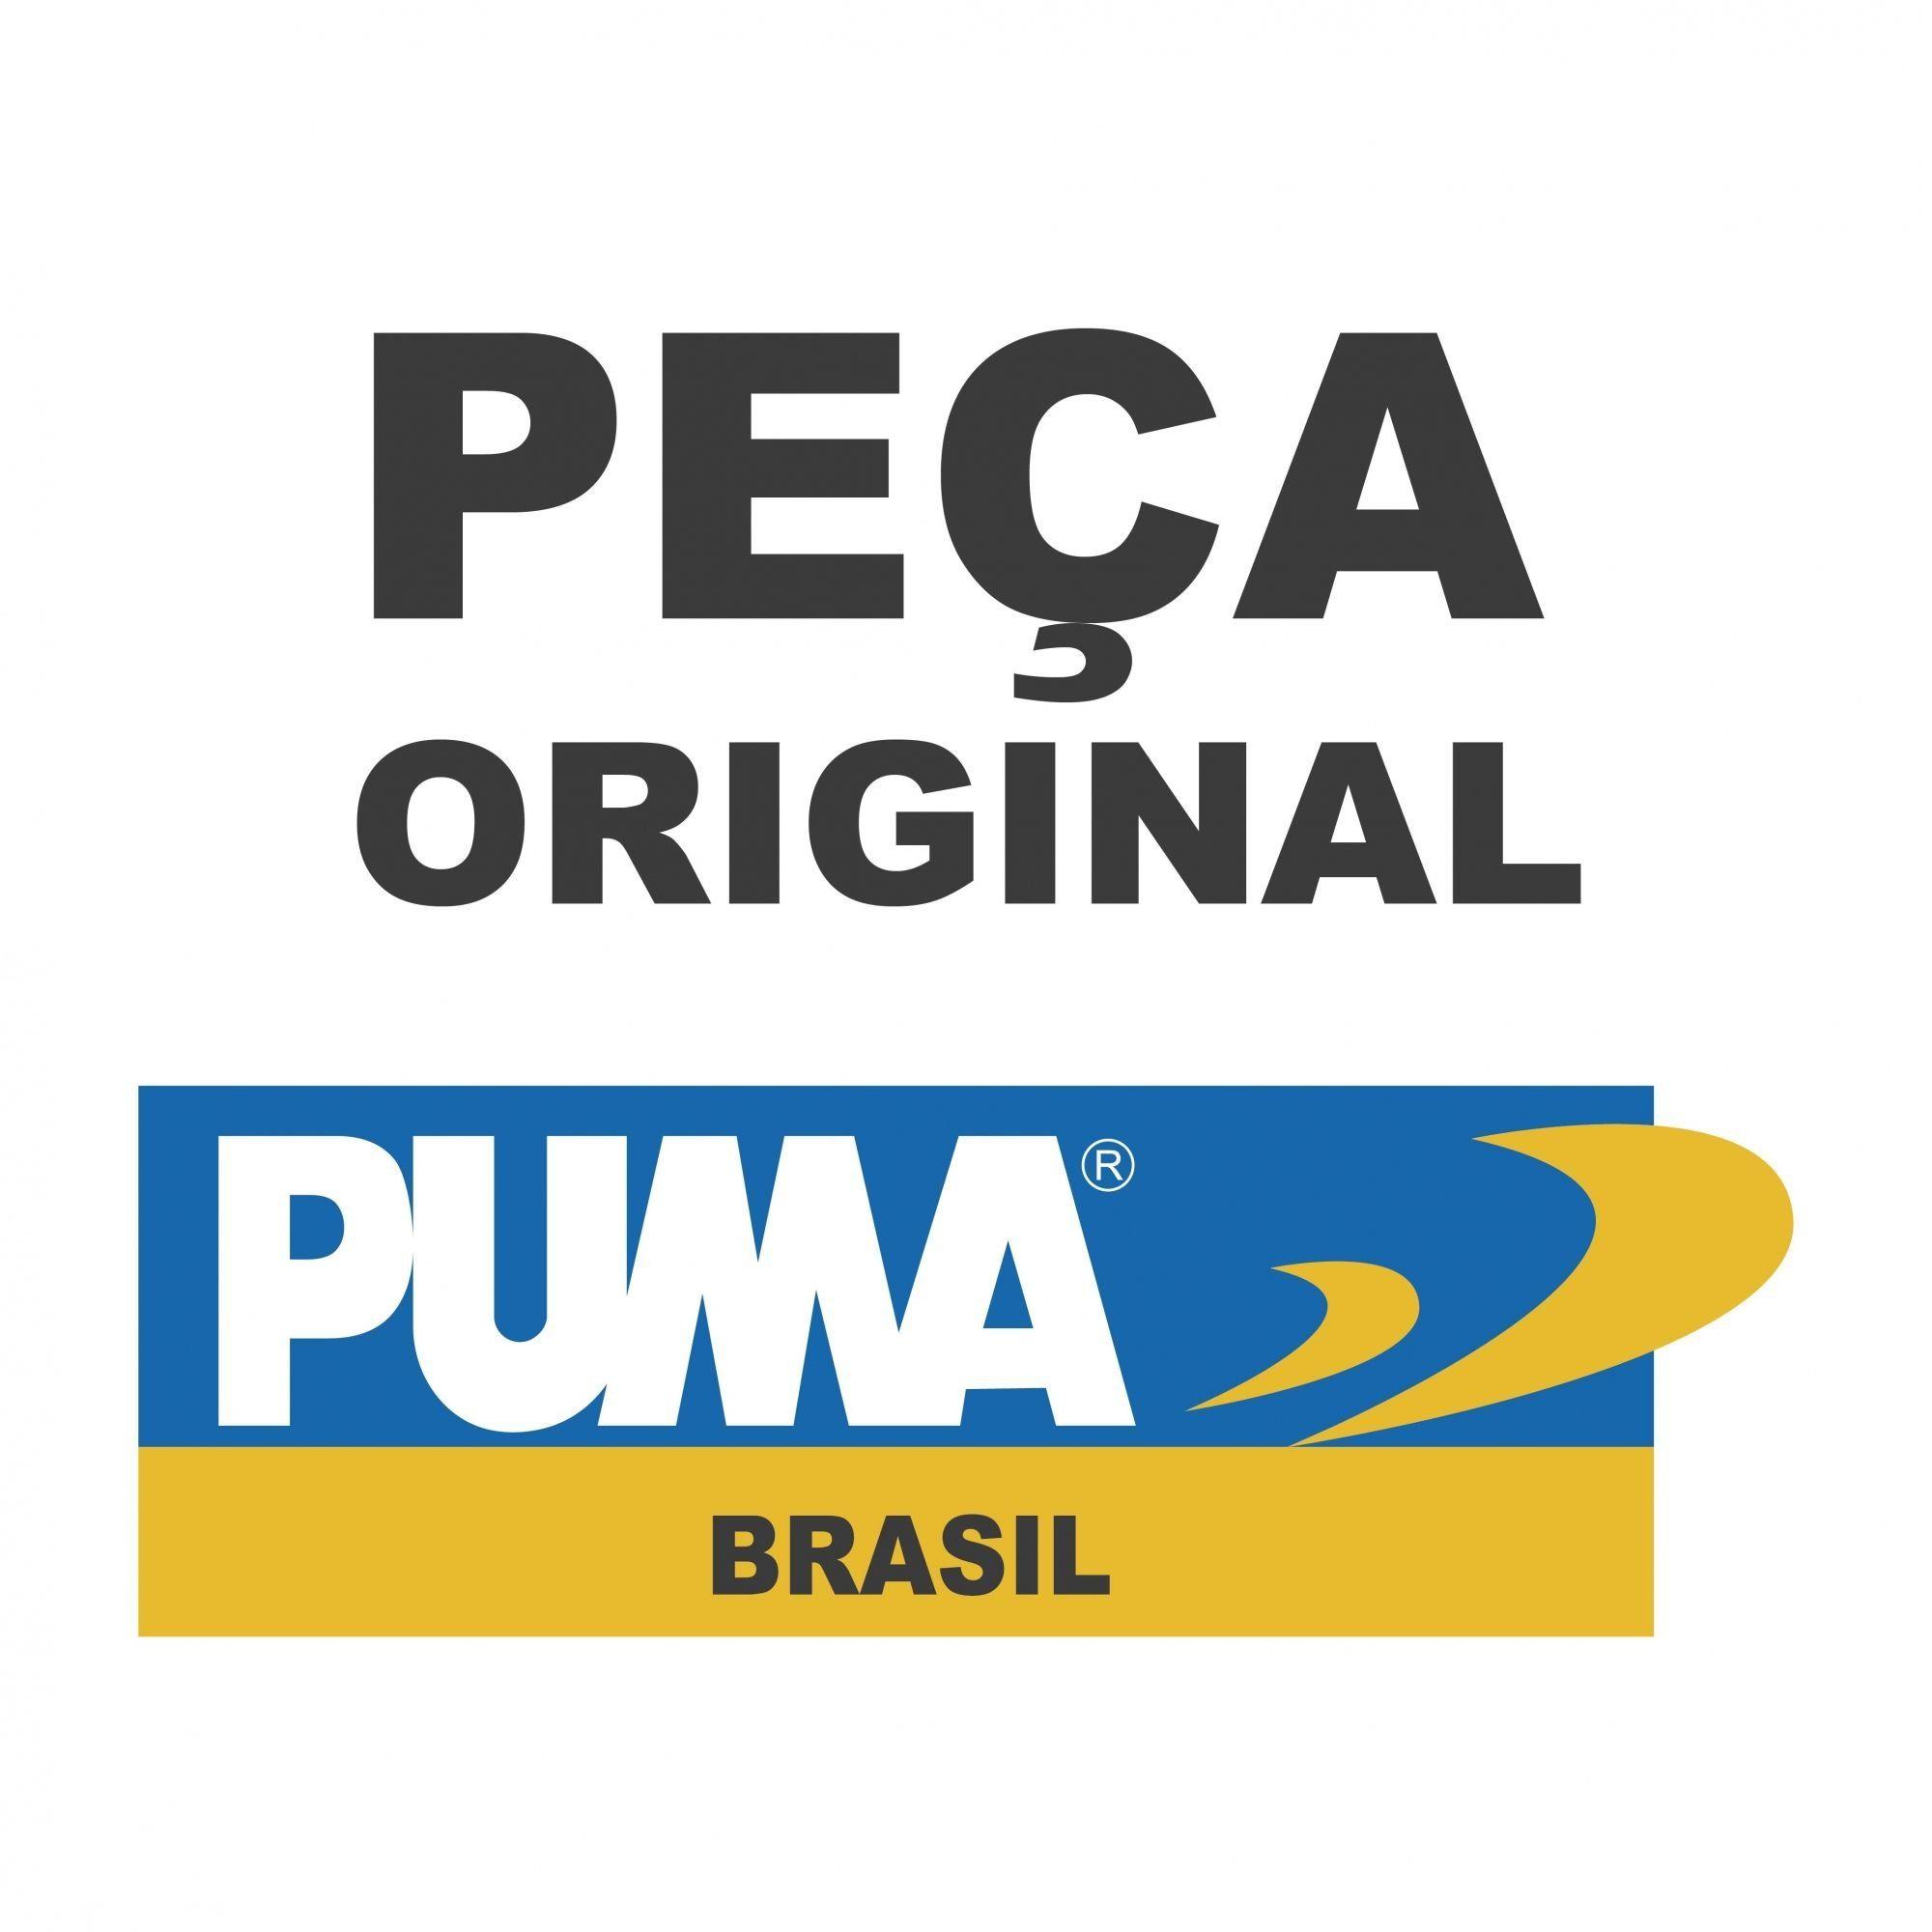 O'RING - PEÇA PNEUMÁTICA PUMA - T4031I-02